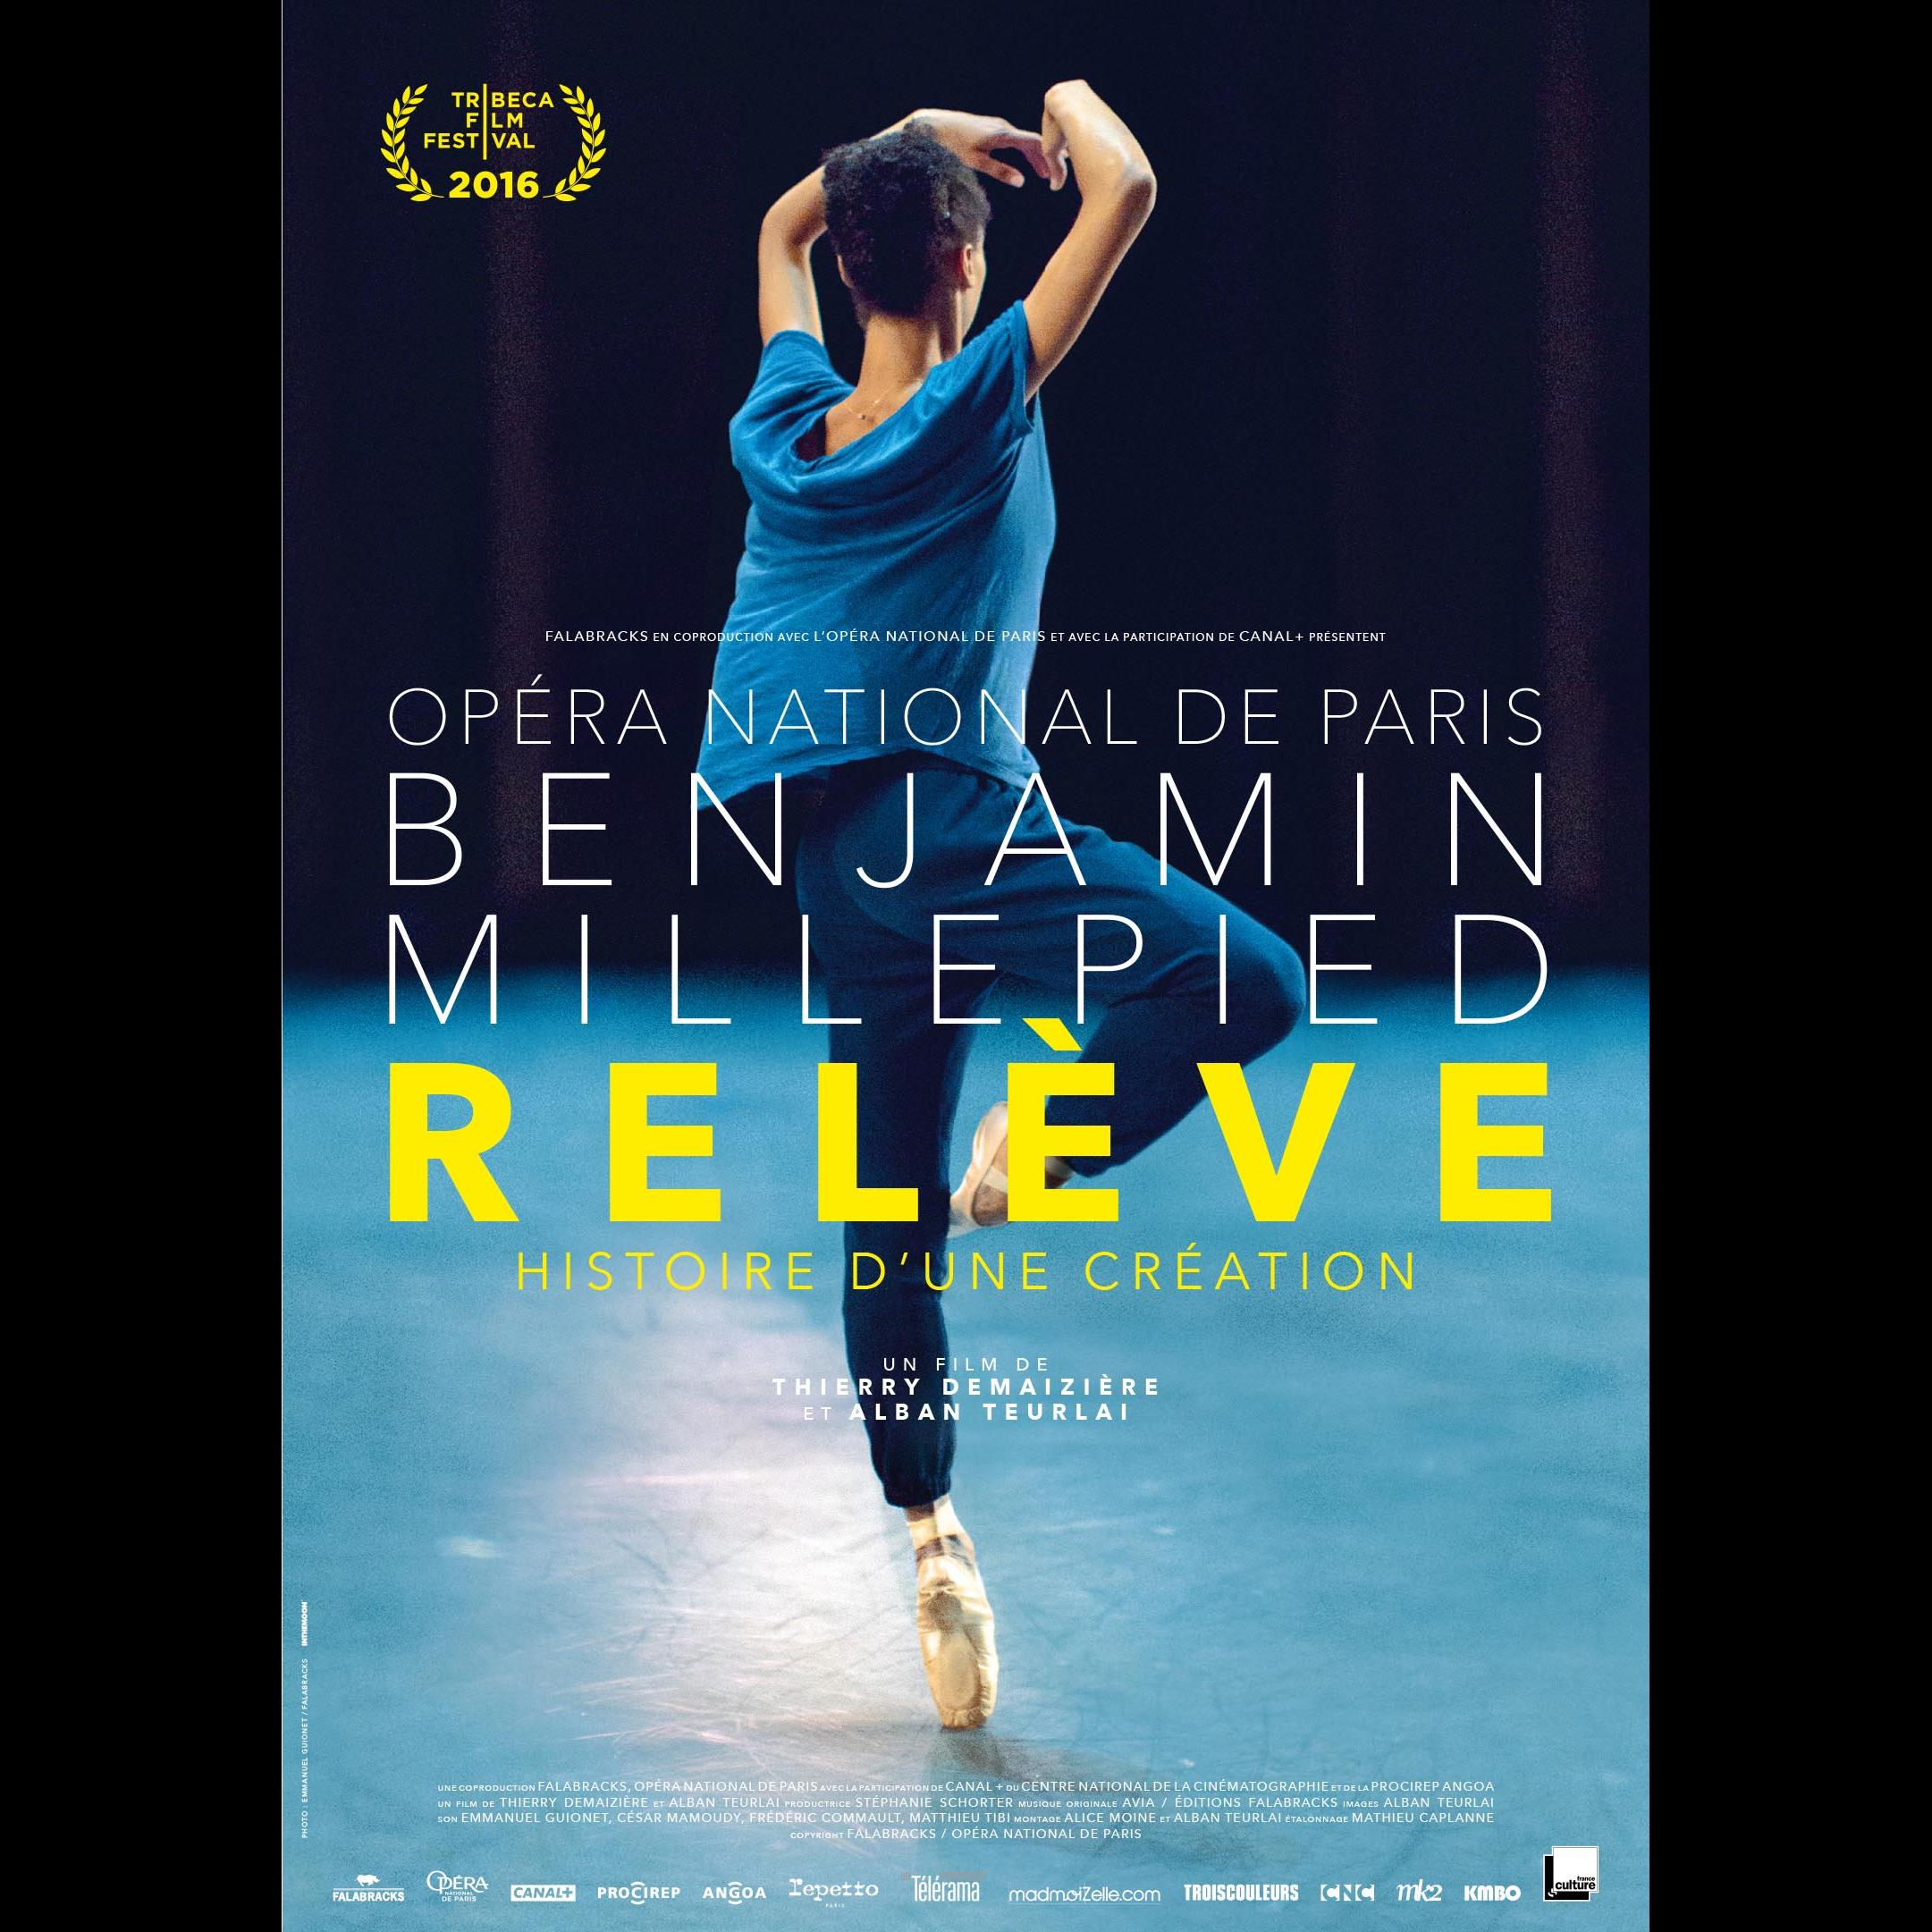 Documentaire danse en DVDKMB066 Relève : Histoire d'une création, ARCADES KMB066.